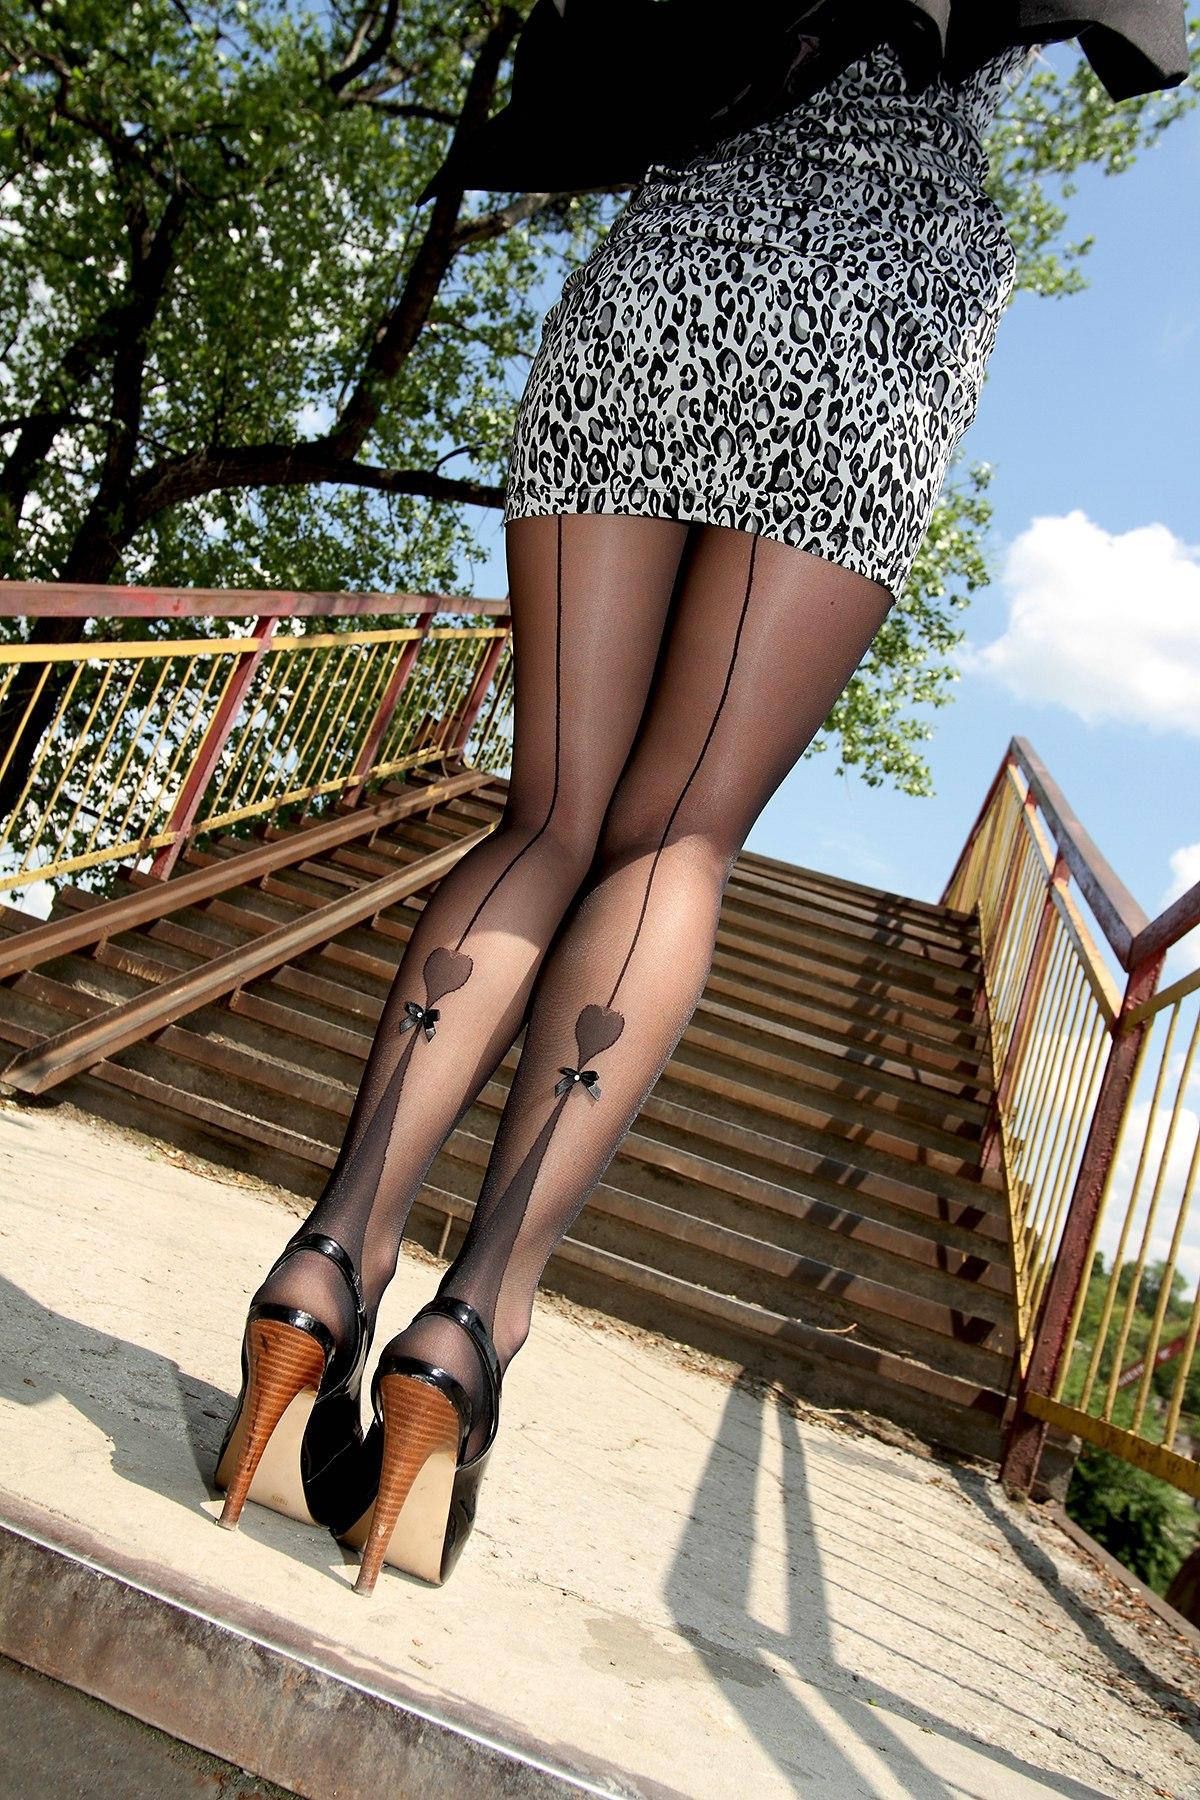 Стройные ножки в чулках 6 фотография